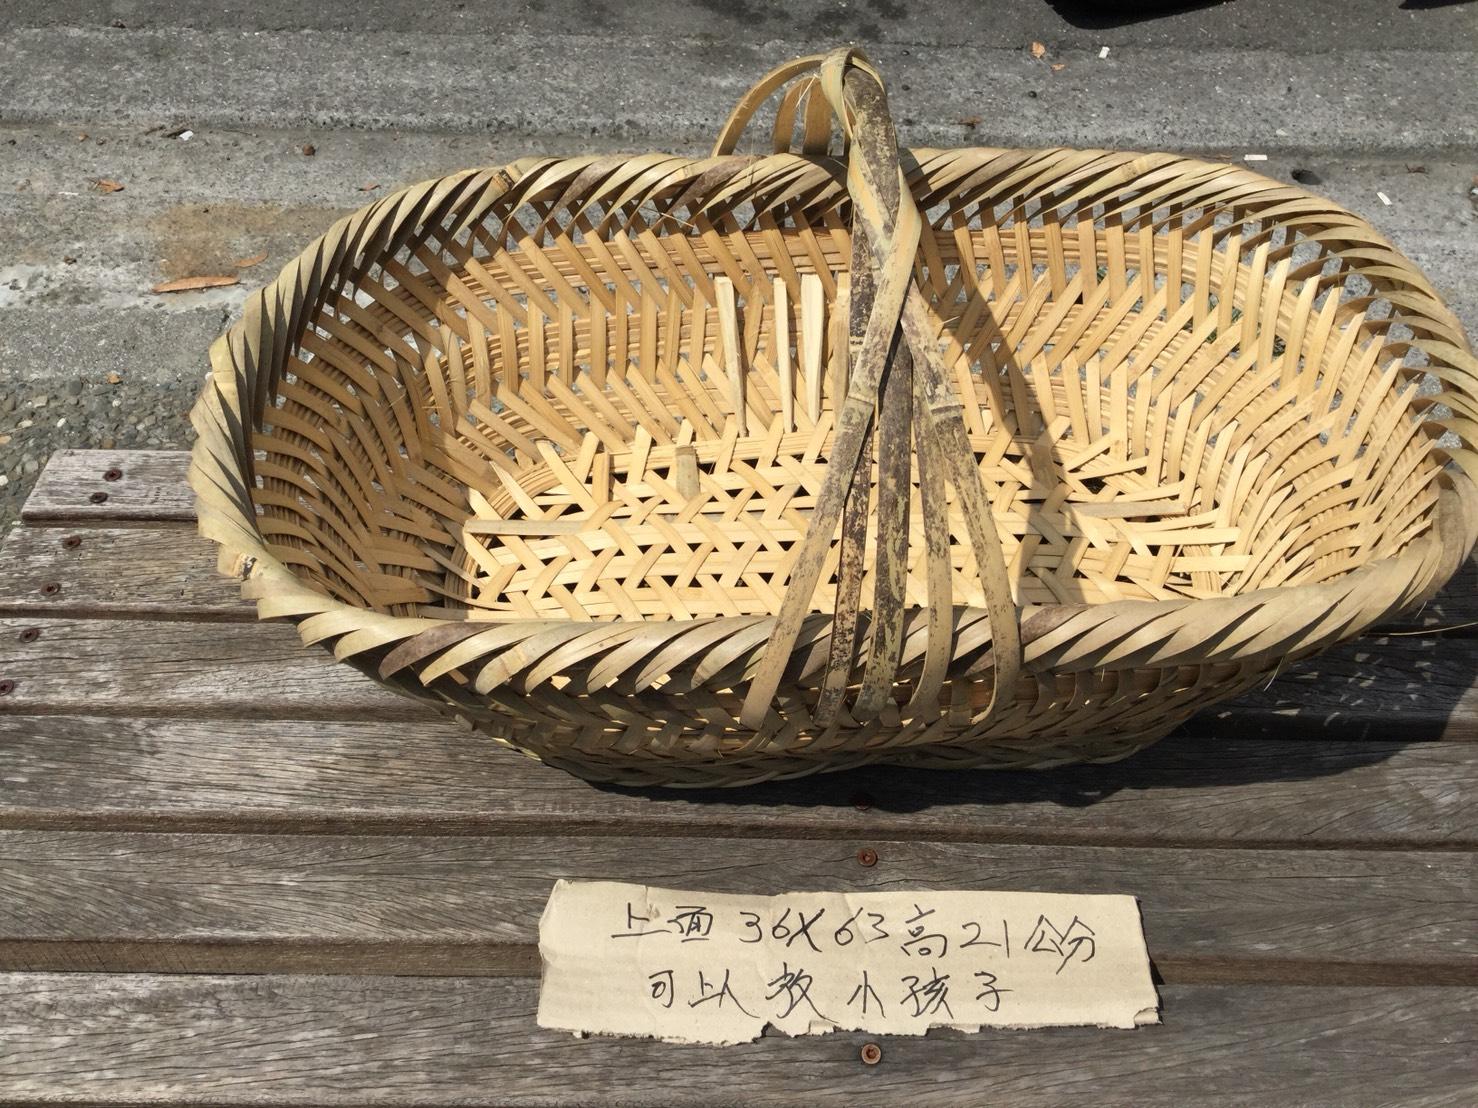 143竹製提籃